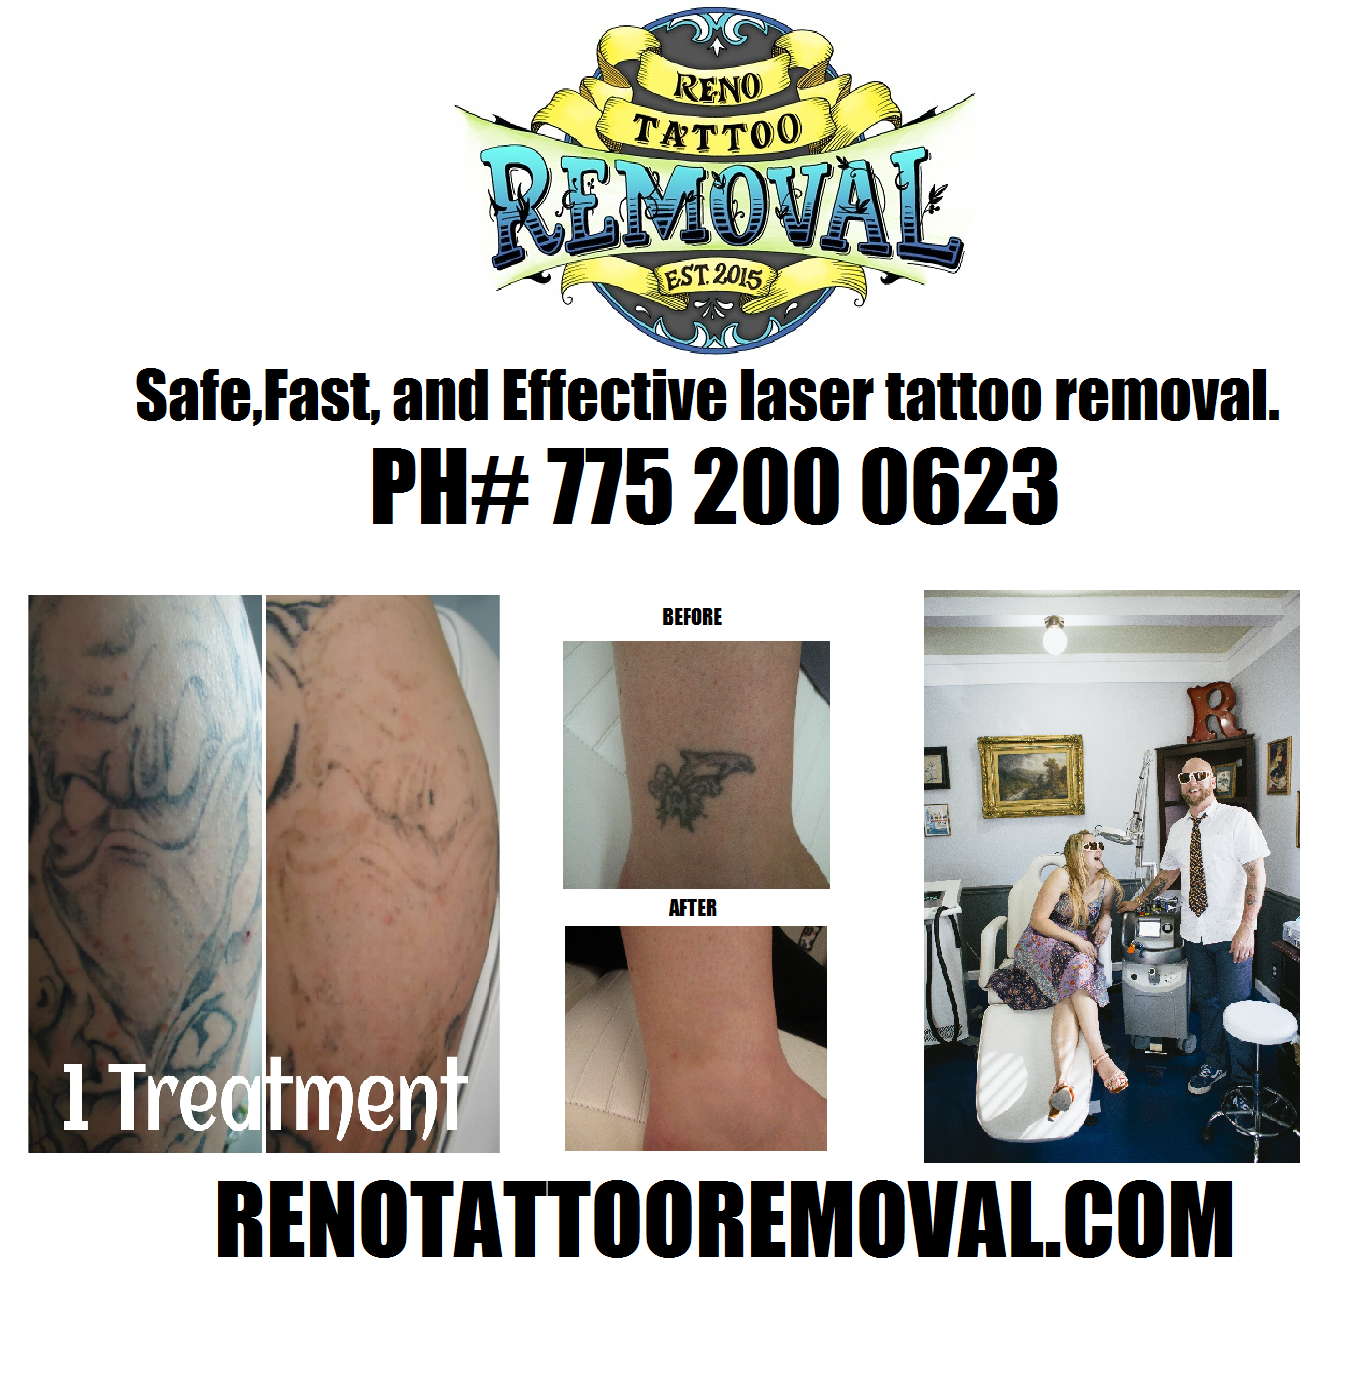 Reno Tattoo Removal promo